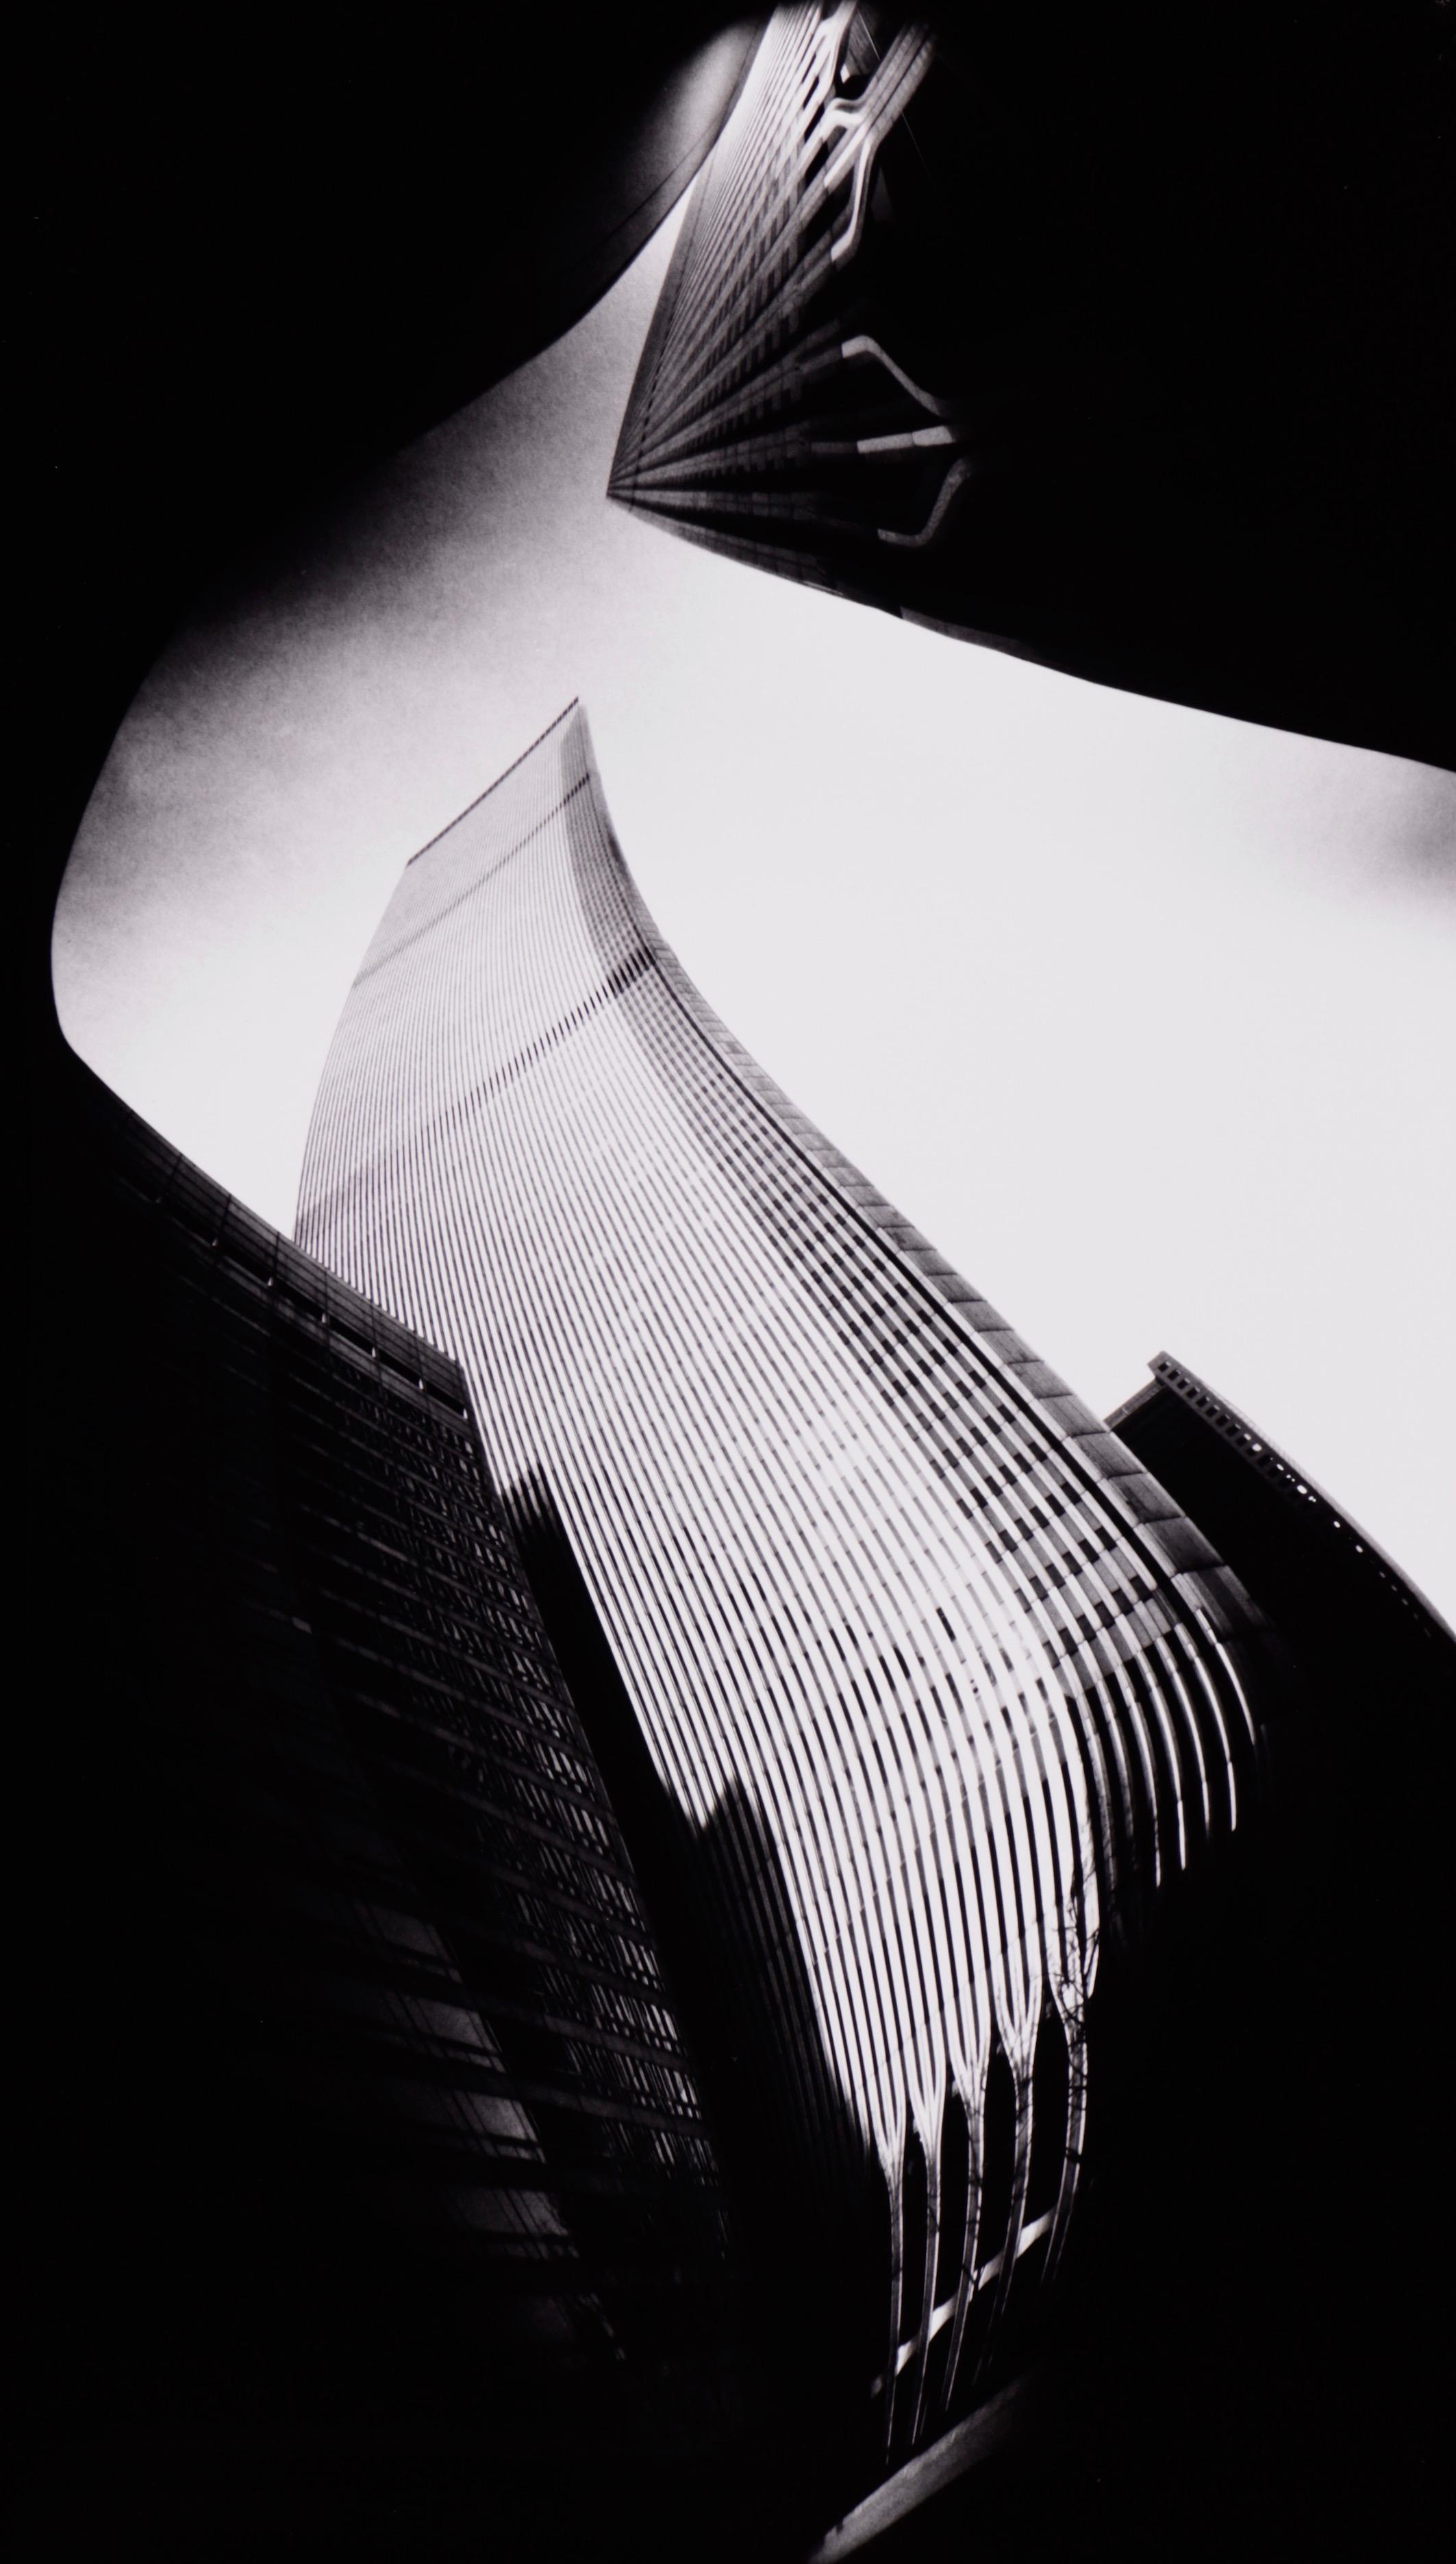 Dancing building-N.Y. (1987) - Ilan Wolff